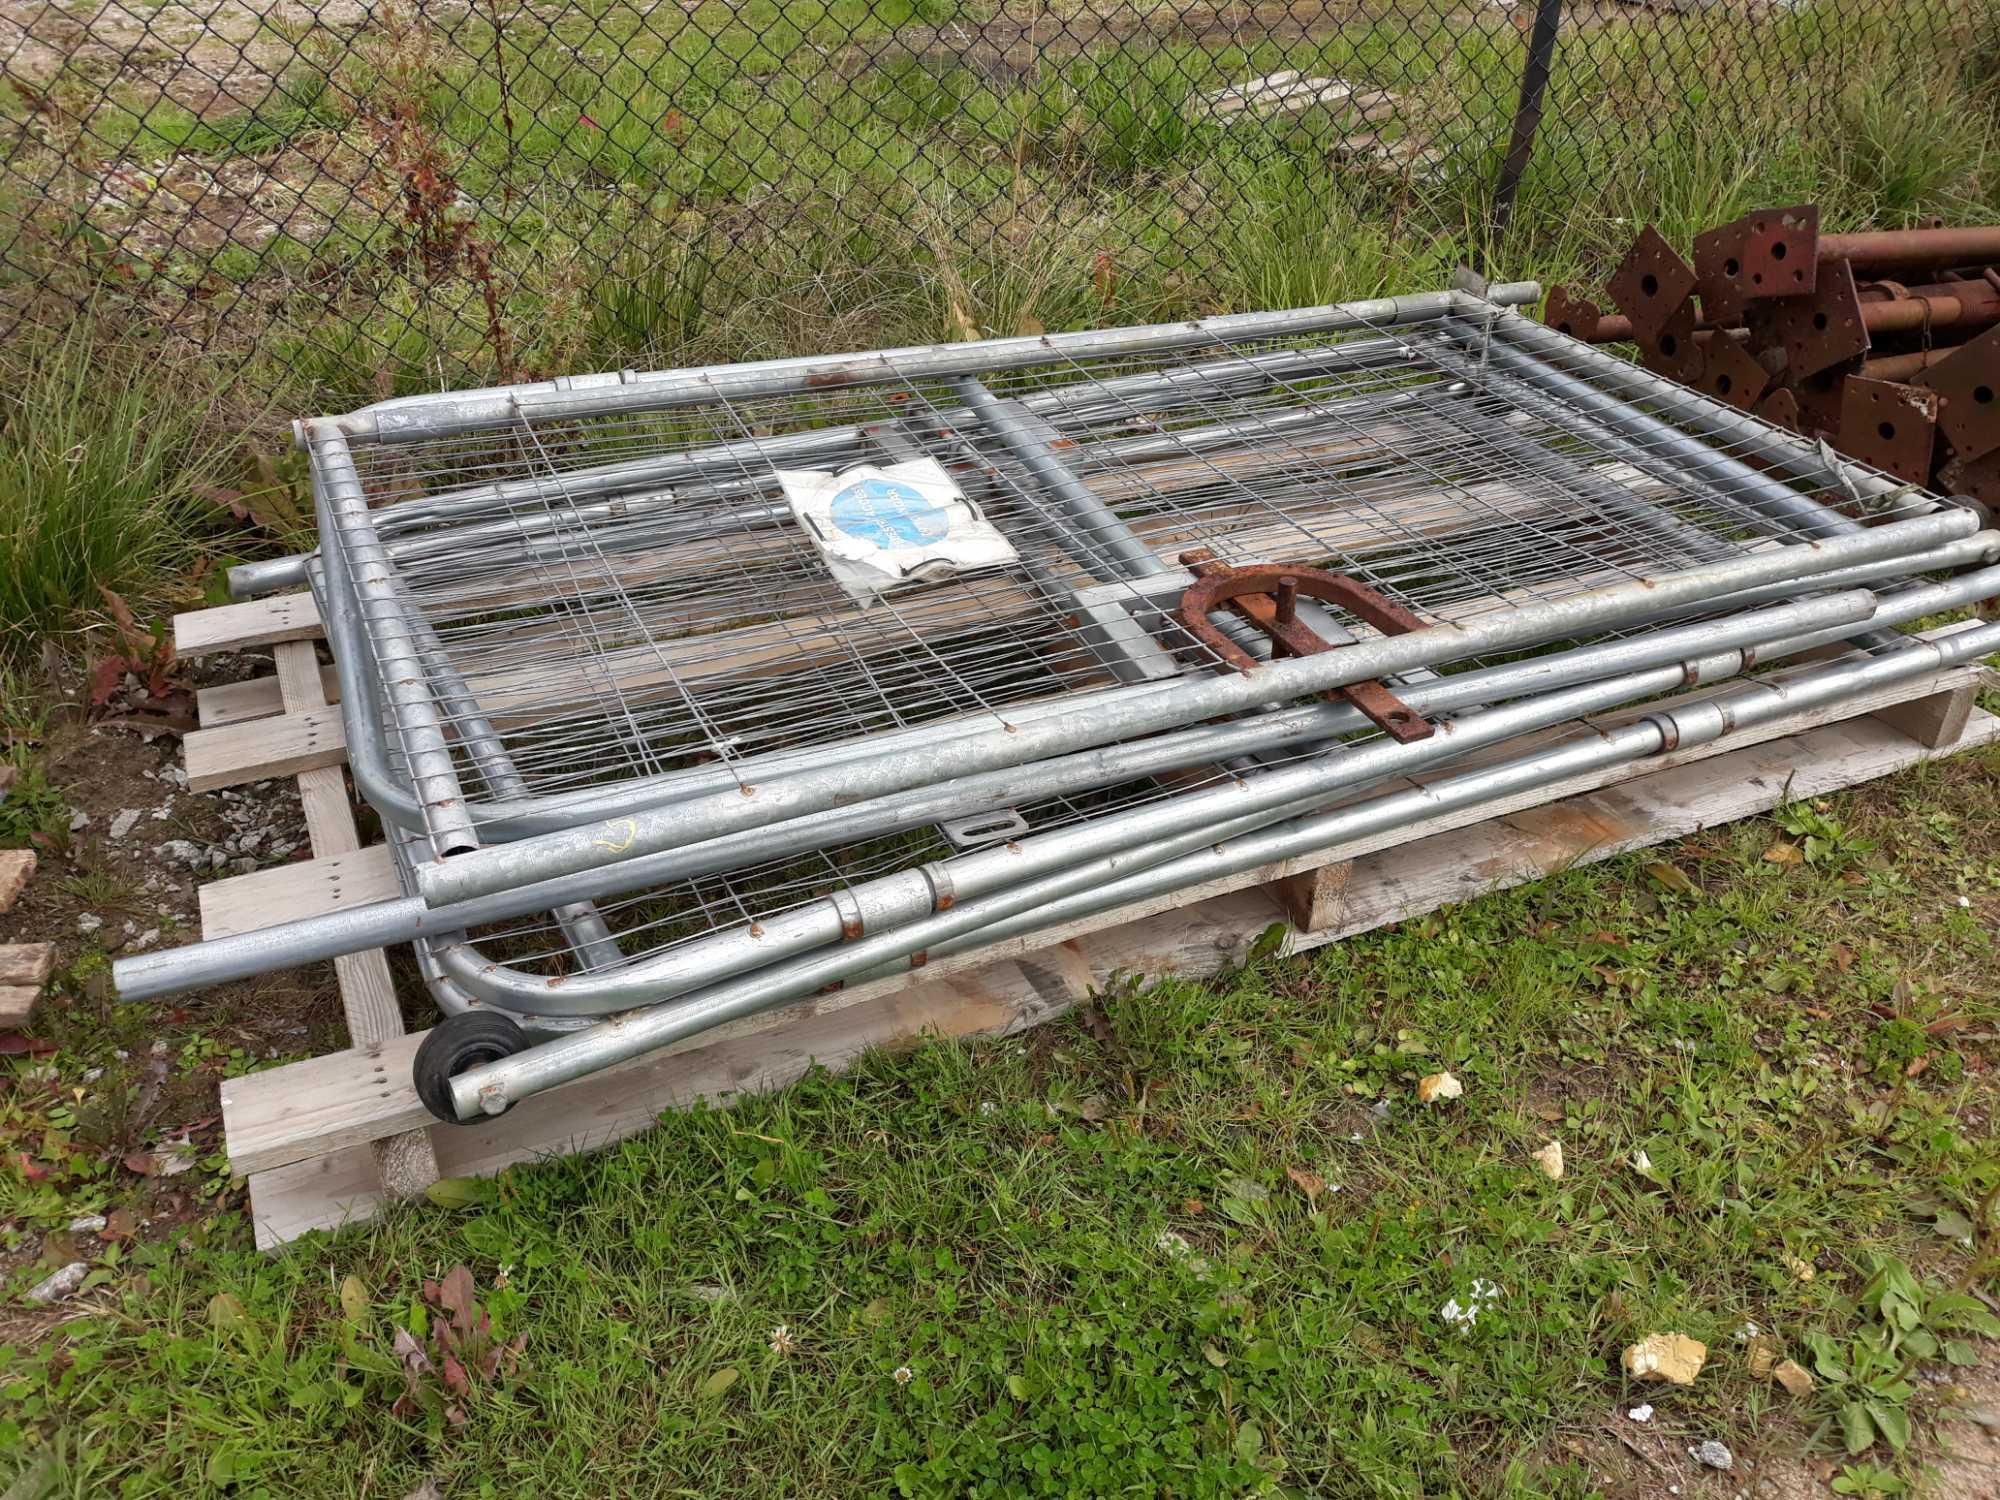 Lot 5 - 5 HERAS PEDESTRIAN GATES